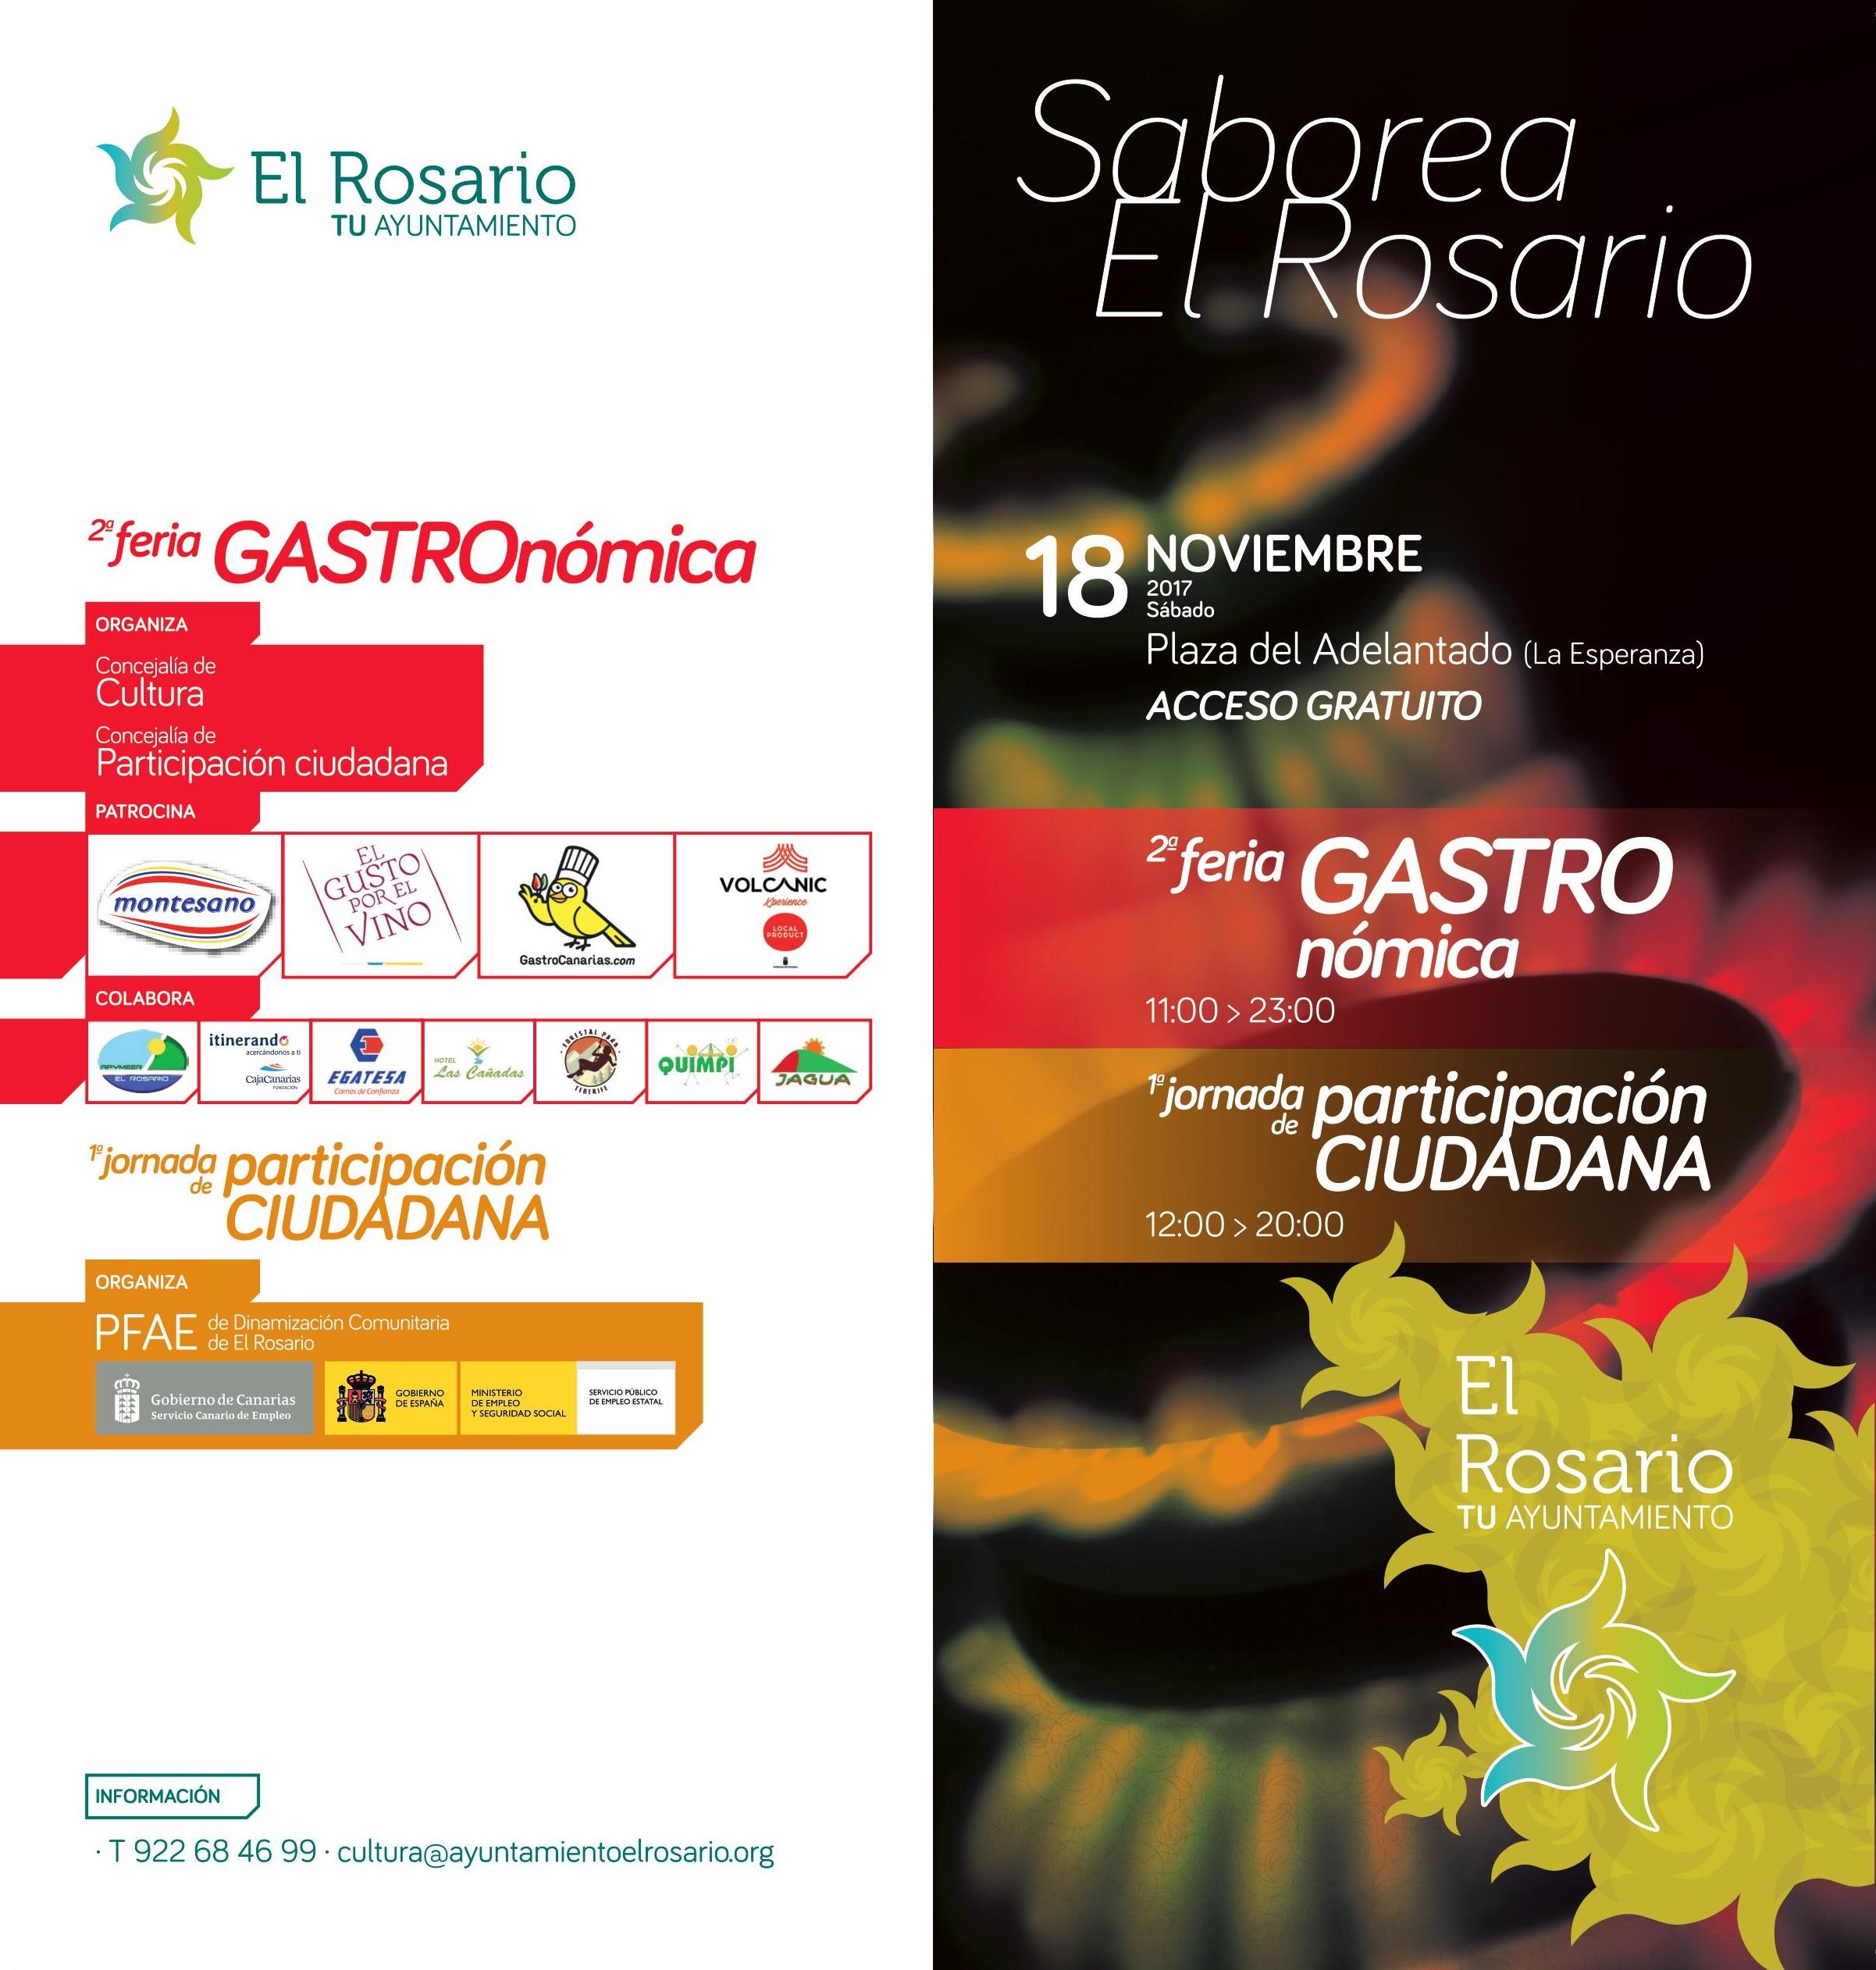 SABOREA_EL_ROSARIO-DIP_EXT